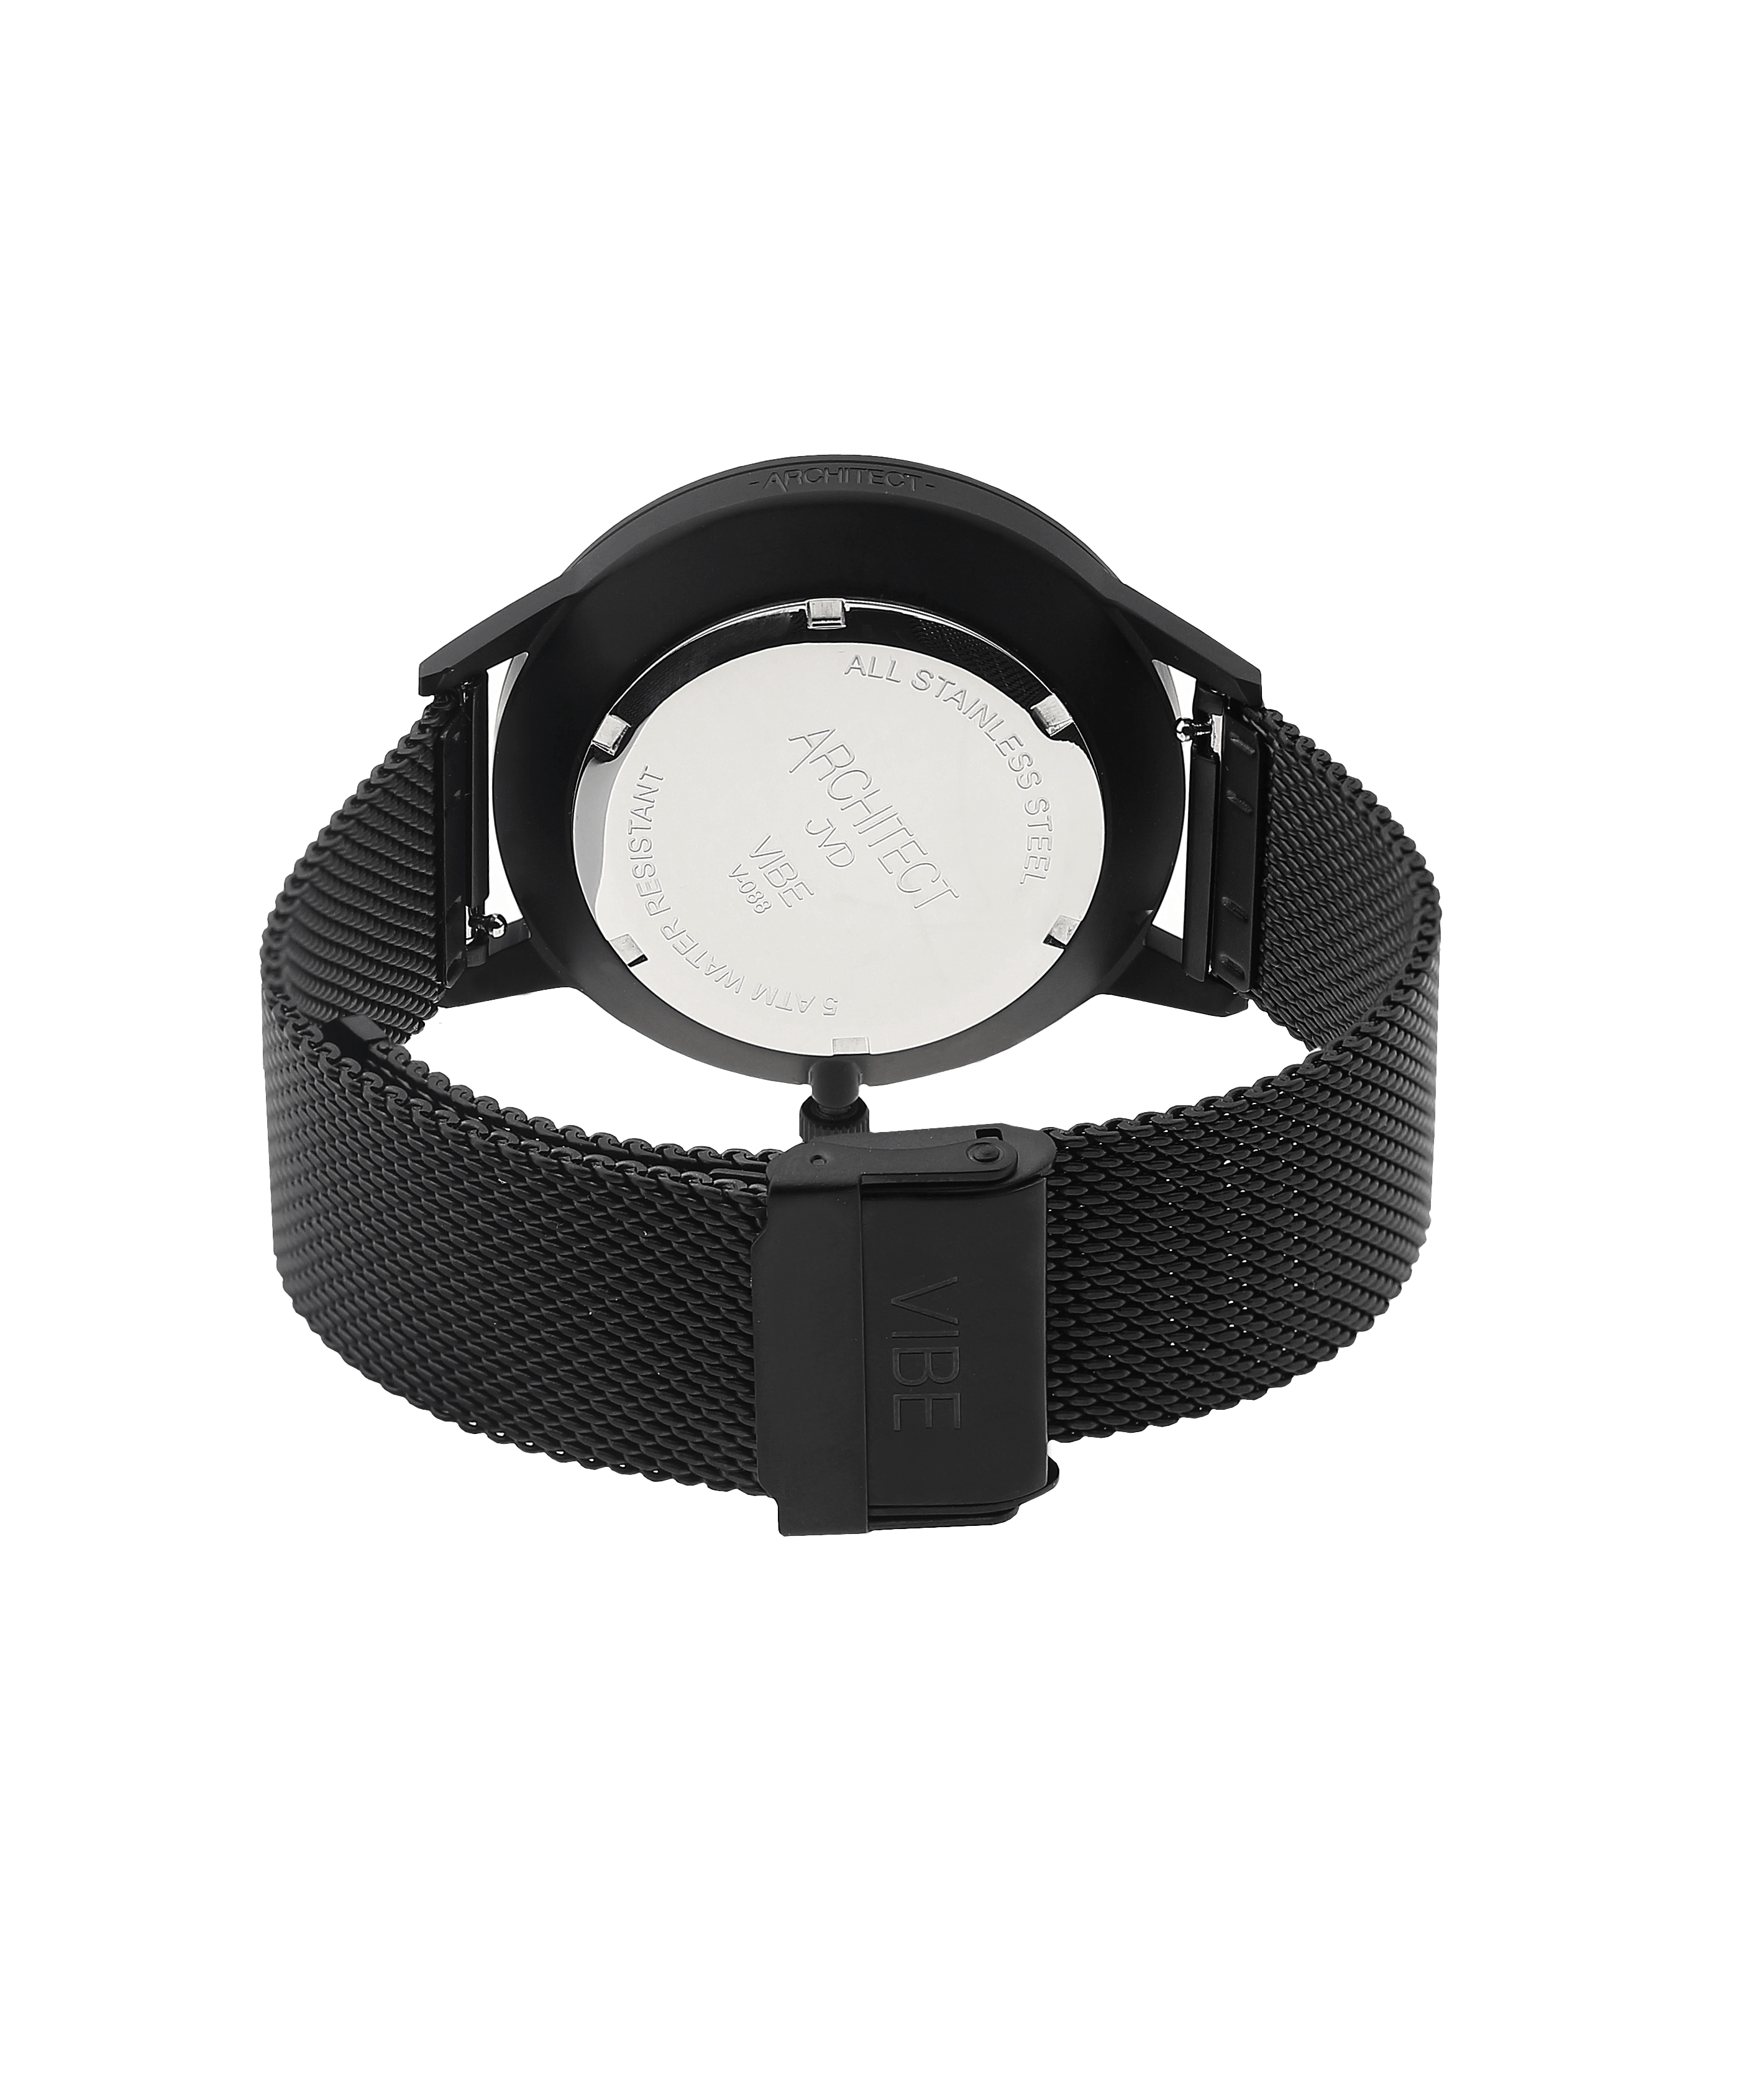 Náramkové hodinky JVD AV-088. 2 290 Kč Skladem b03d654ba2